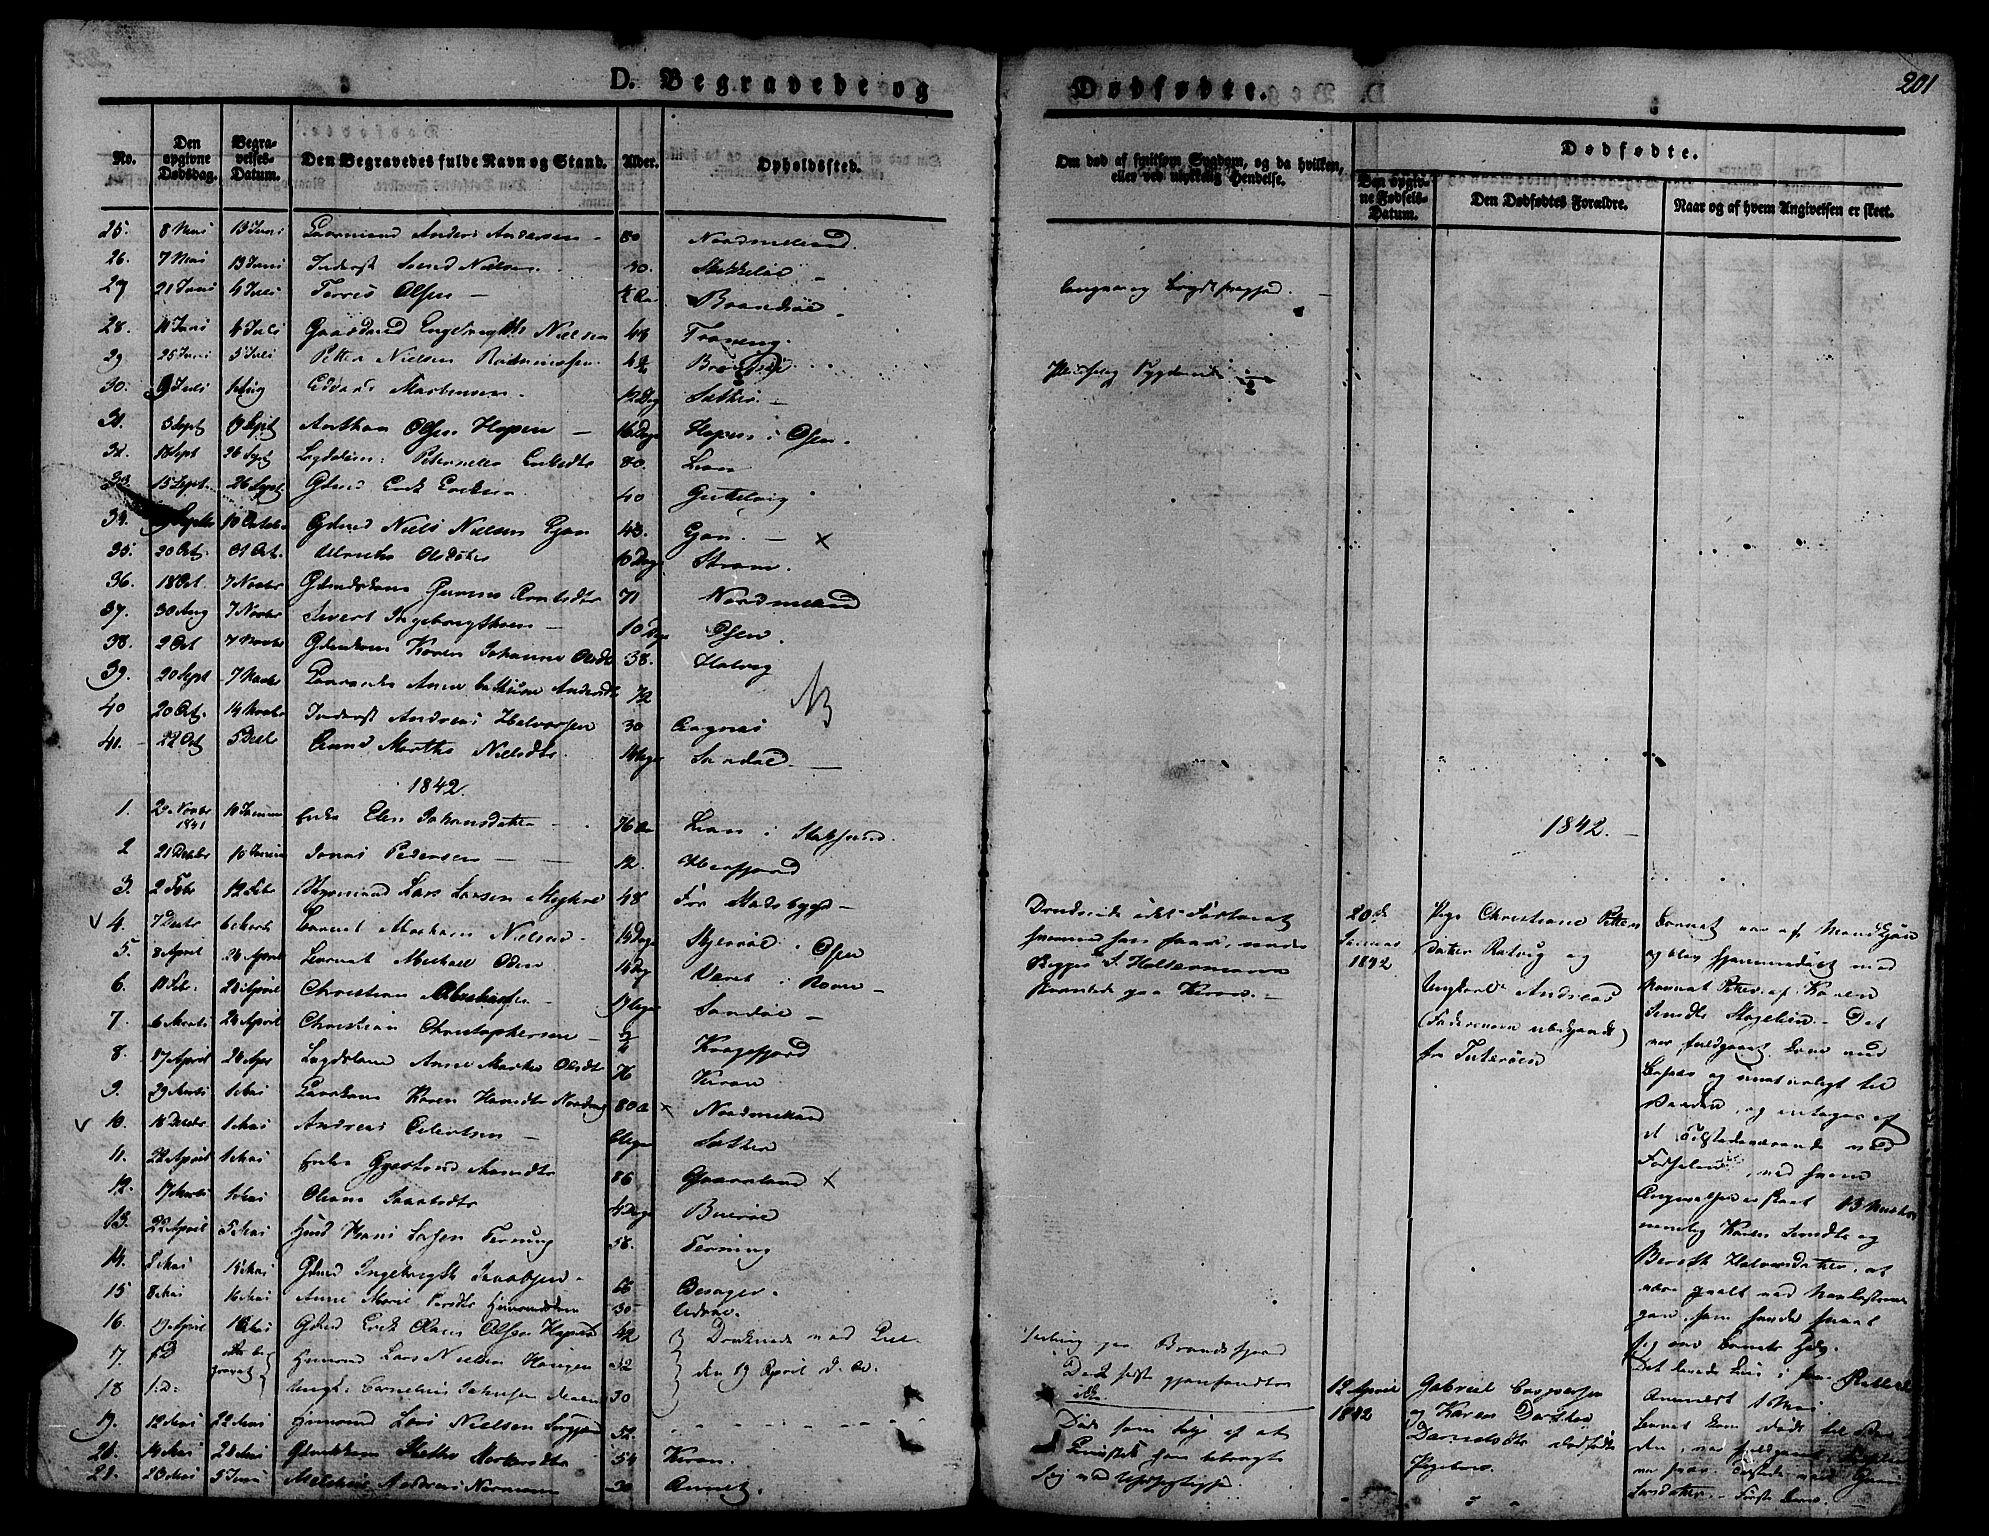 SAT, Ministerialprotokoller, klokkerbøker og fødselsregistre - Sør-Trøndelag, 657/L0703: Ministerialbok nr. 657A04, 1831-1846, s. 201